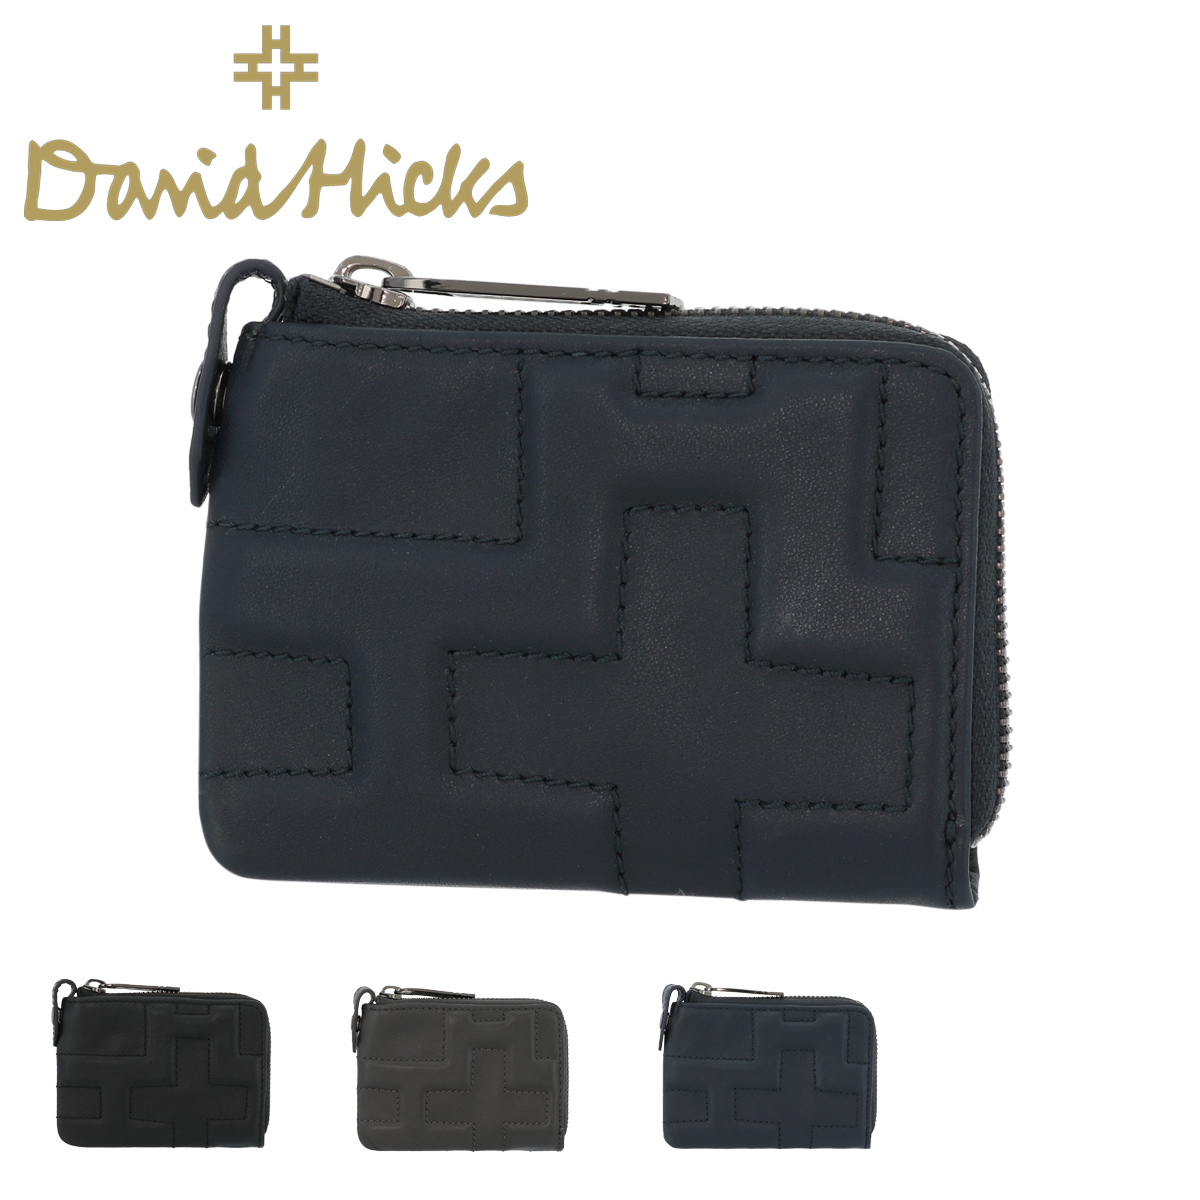 デービッドヒックス 財布 L字ファスナー クロス メンズ DVH-1402 David Hicks   ミニ財布 コインケース 本革 牛革 レザー 薄型[PO5]